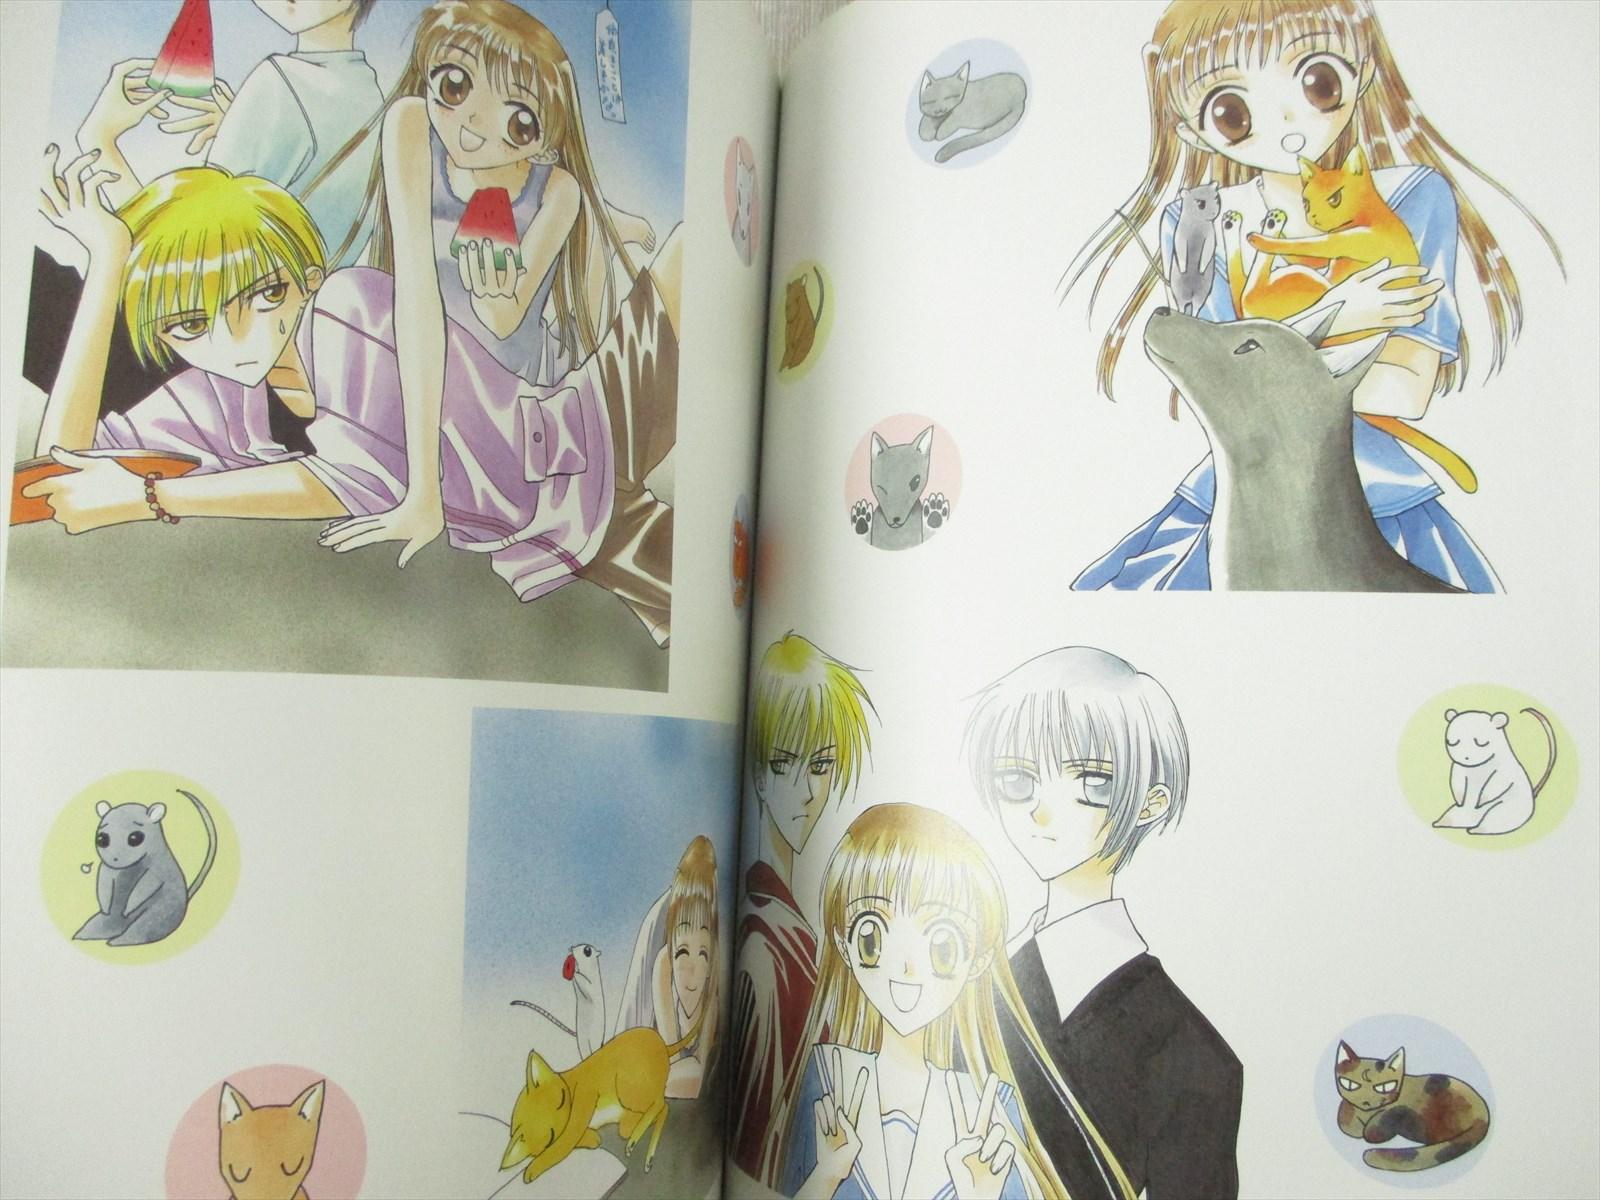 Natsuki Takaya Fruits Basket illustration art book